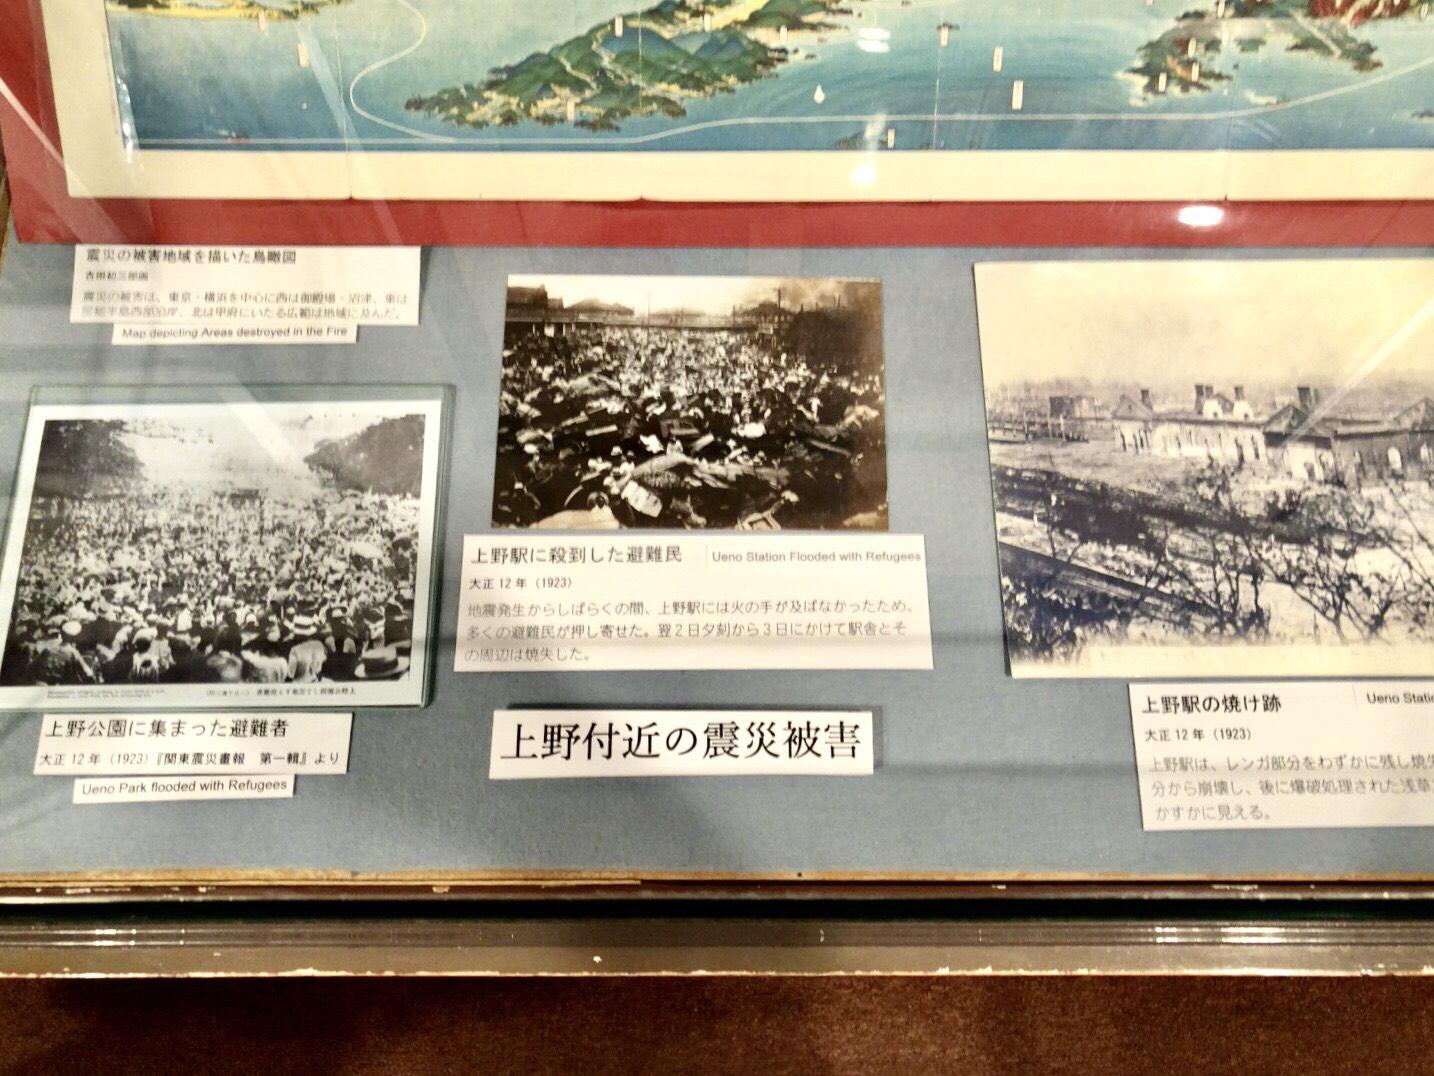 関東大震災直後の上野の様子